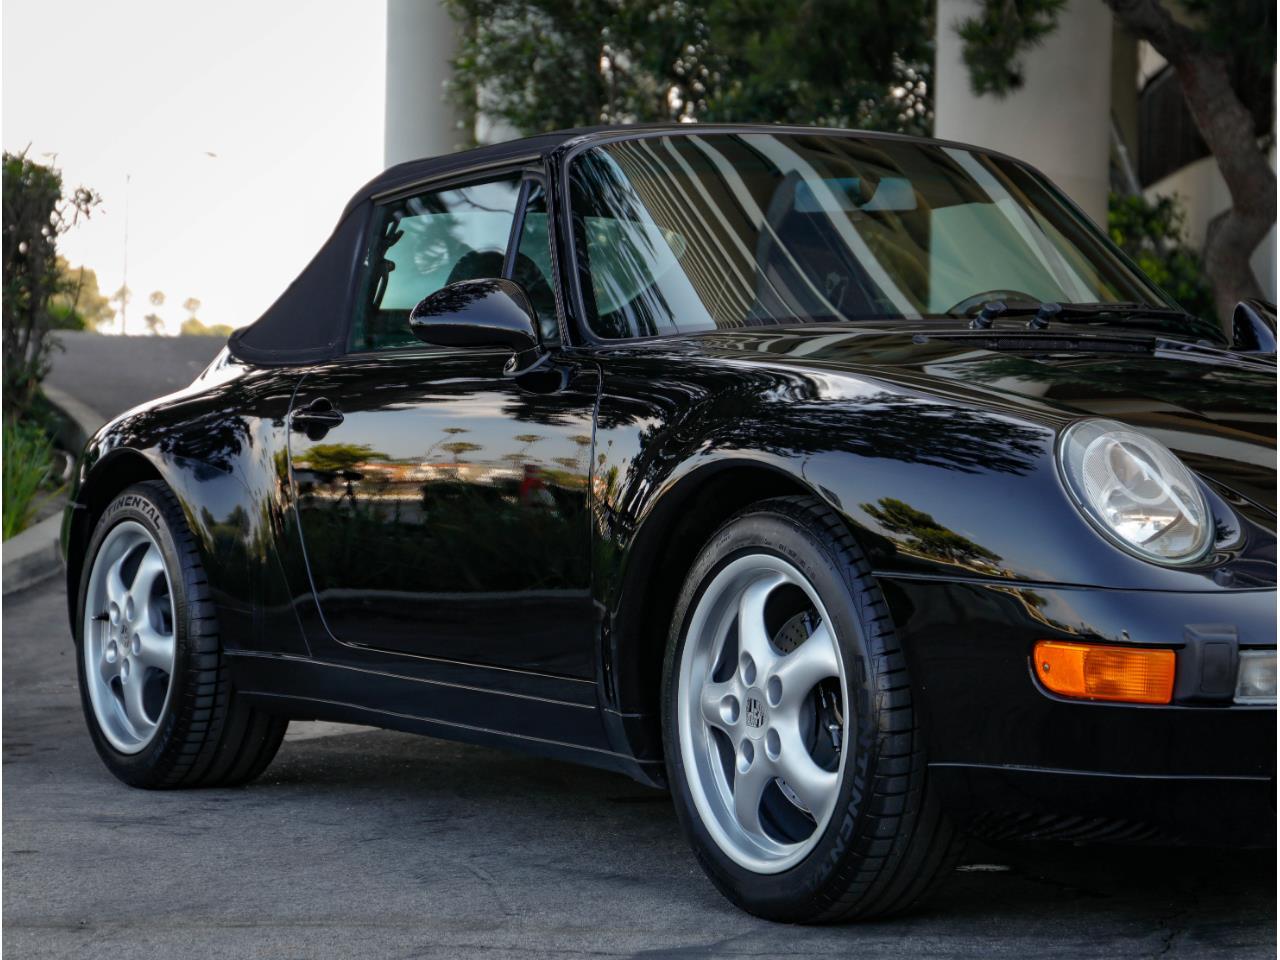 Large Picture of '97 Porsche 993 - $67,500.00 - QKZ2